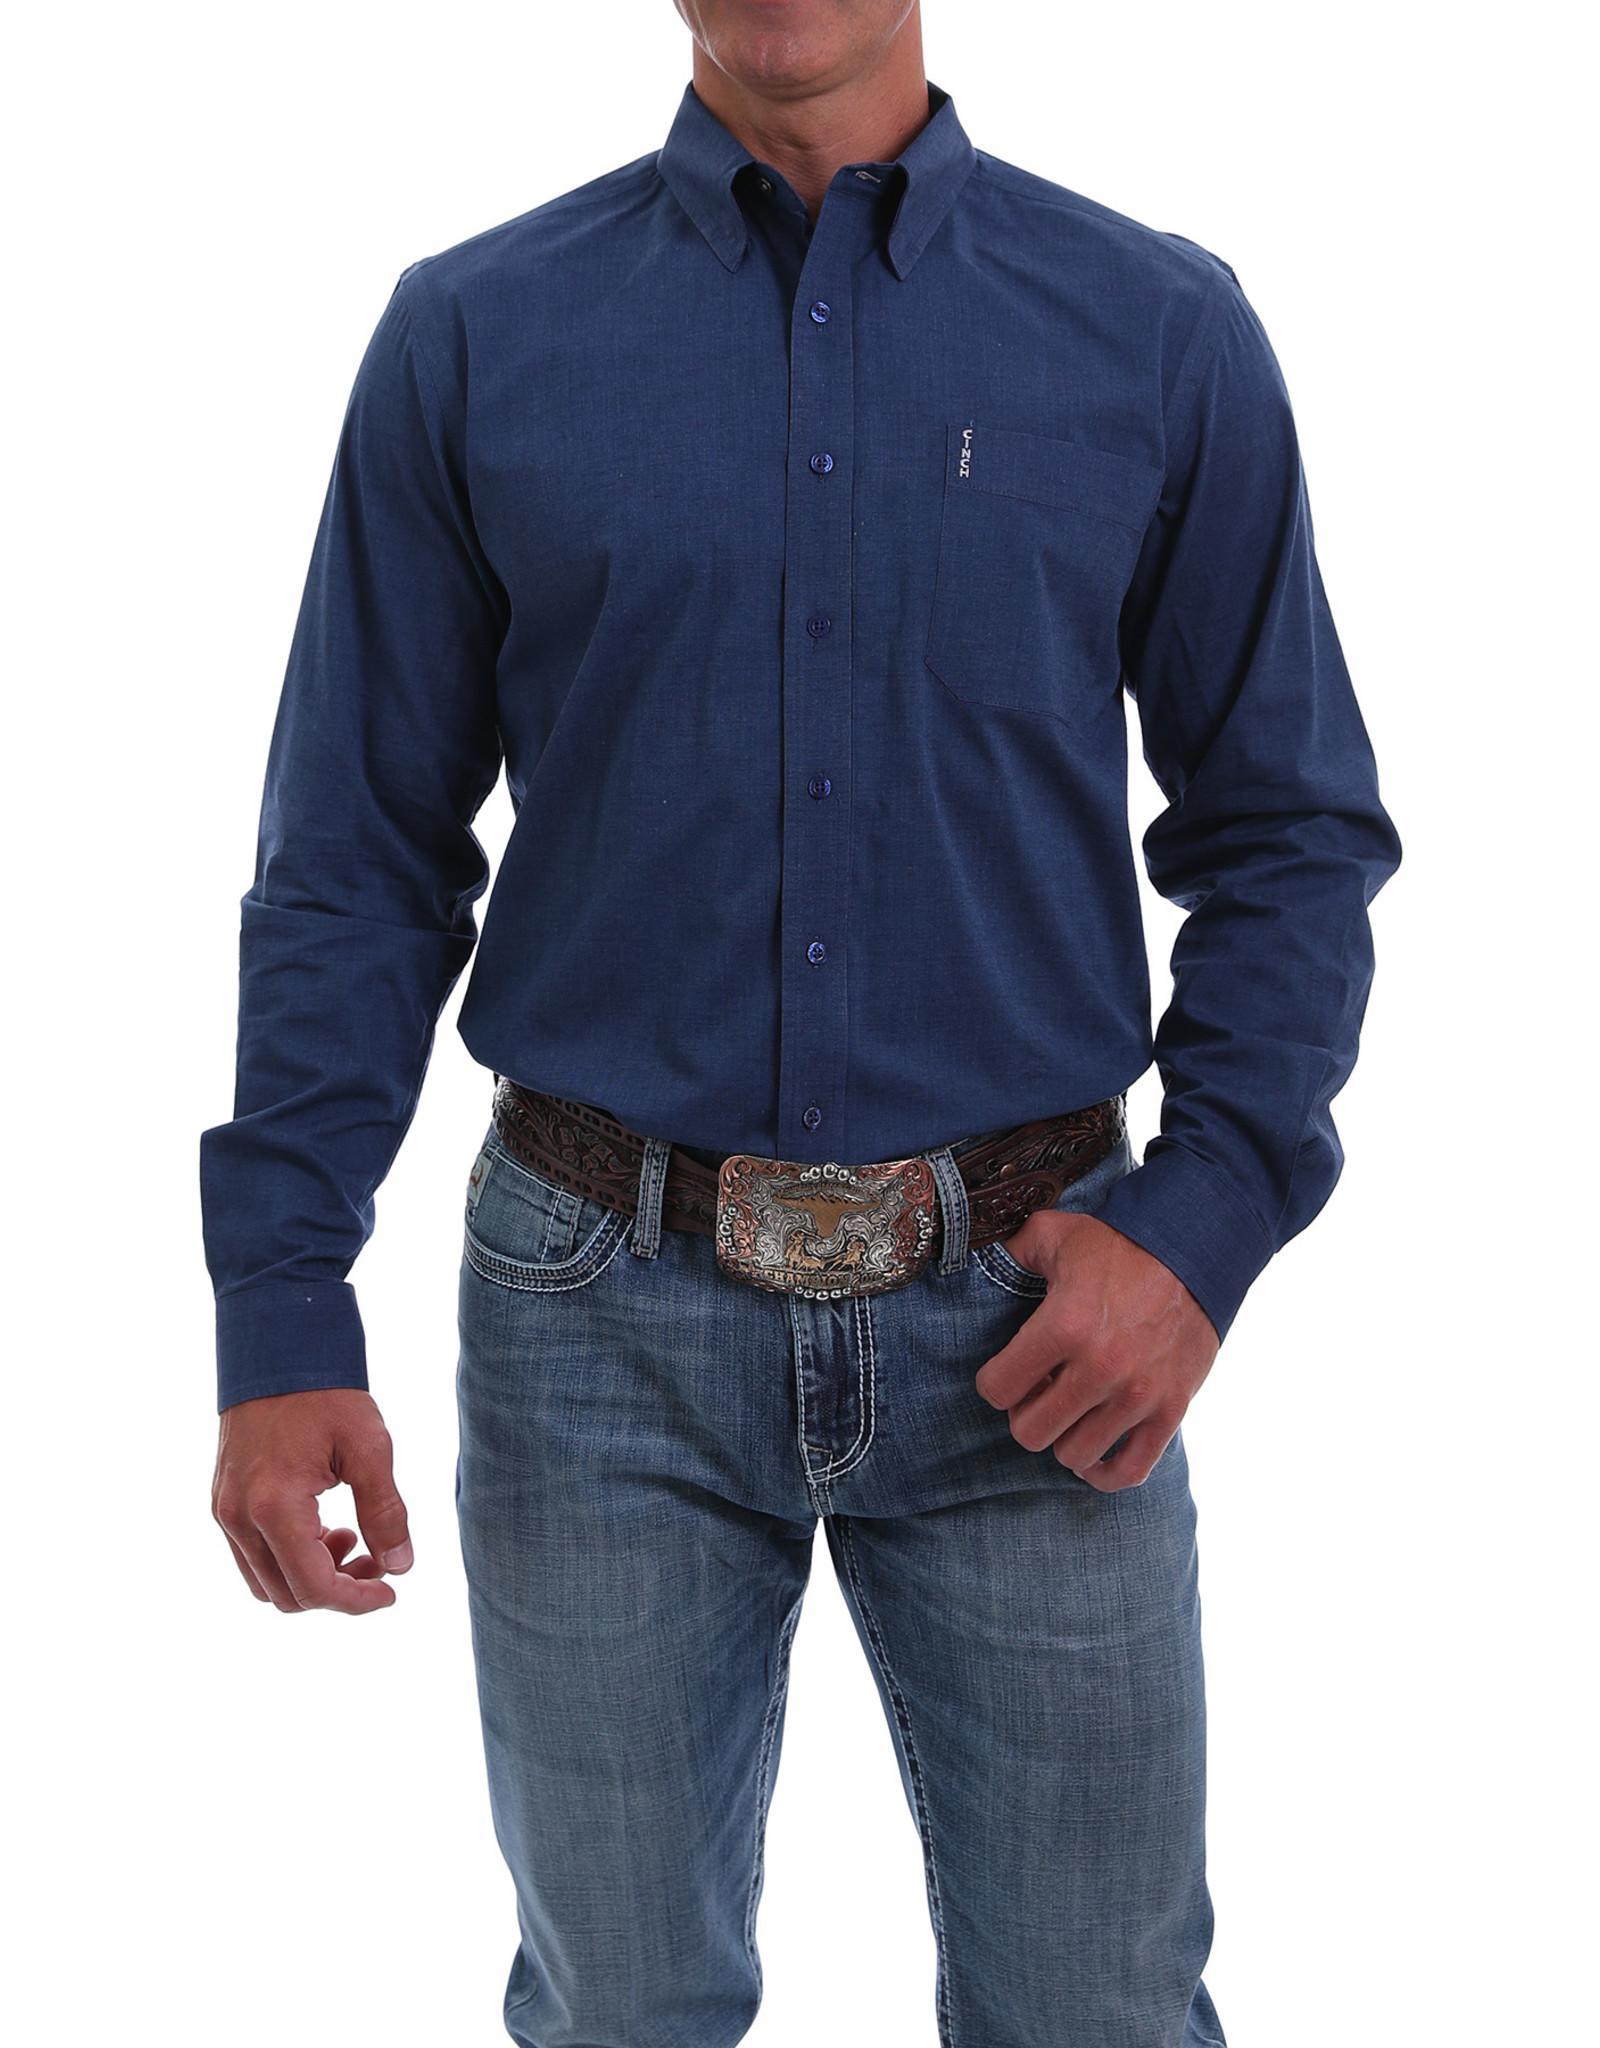 Cinch Cinch Solid Modern Fit Shirt